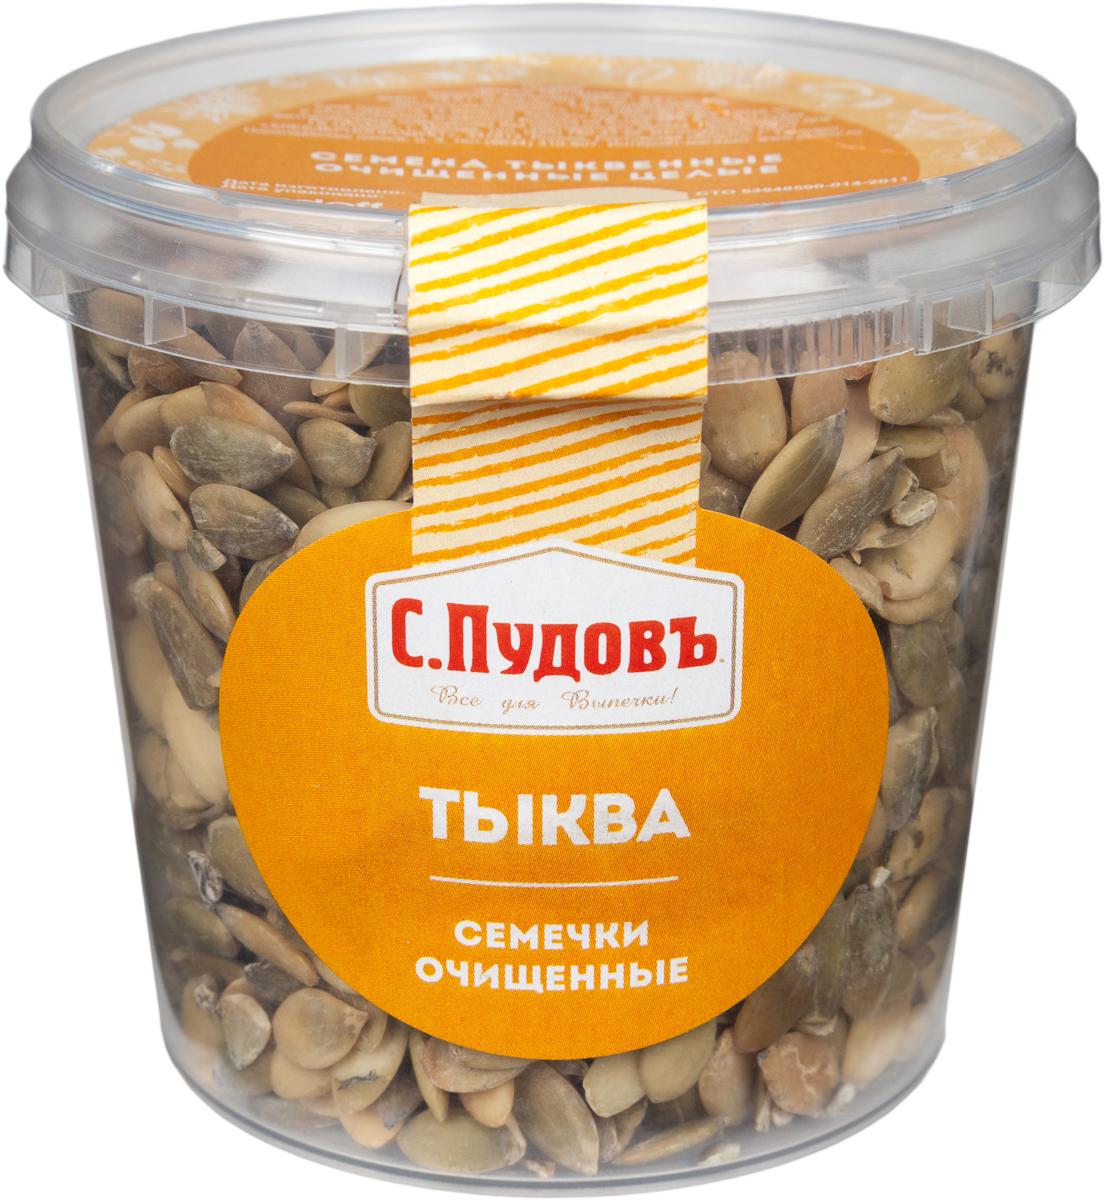 Пудовъ семена тыквенные очищенные целые, 180 г